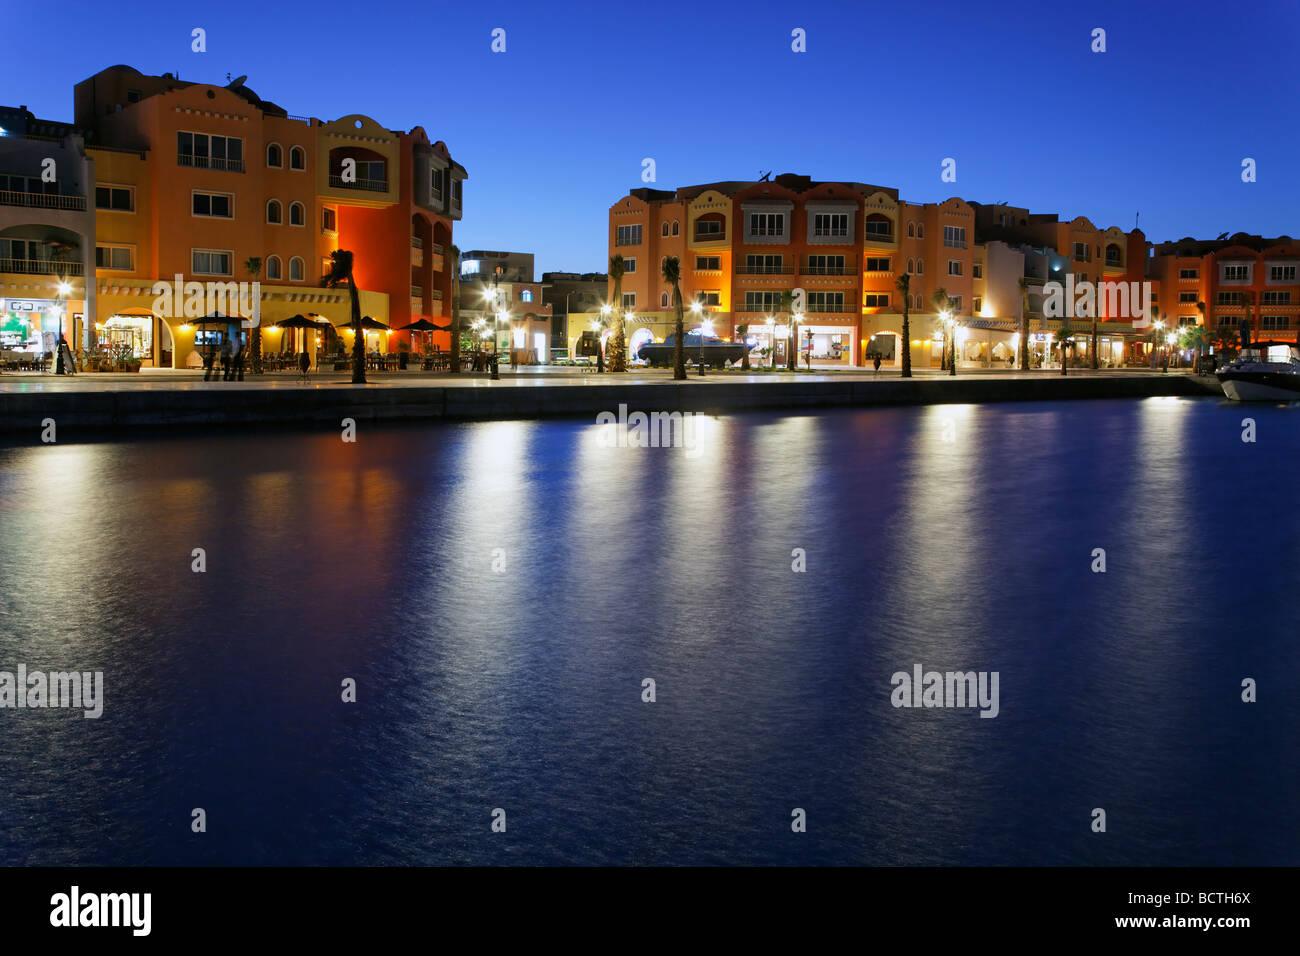 Beleuchtete Häuser mit Restaurants im Yachthafen, Hurghada, Ägypten, Rotes Meer, Afrika Stockbild